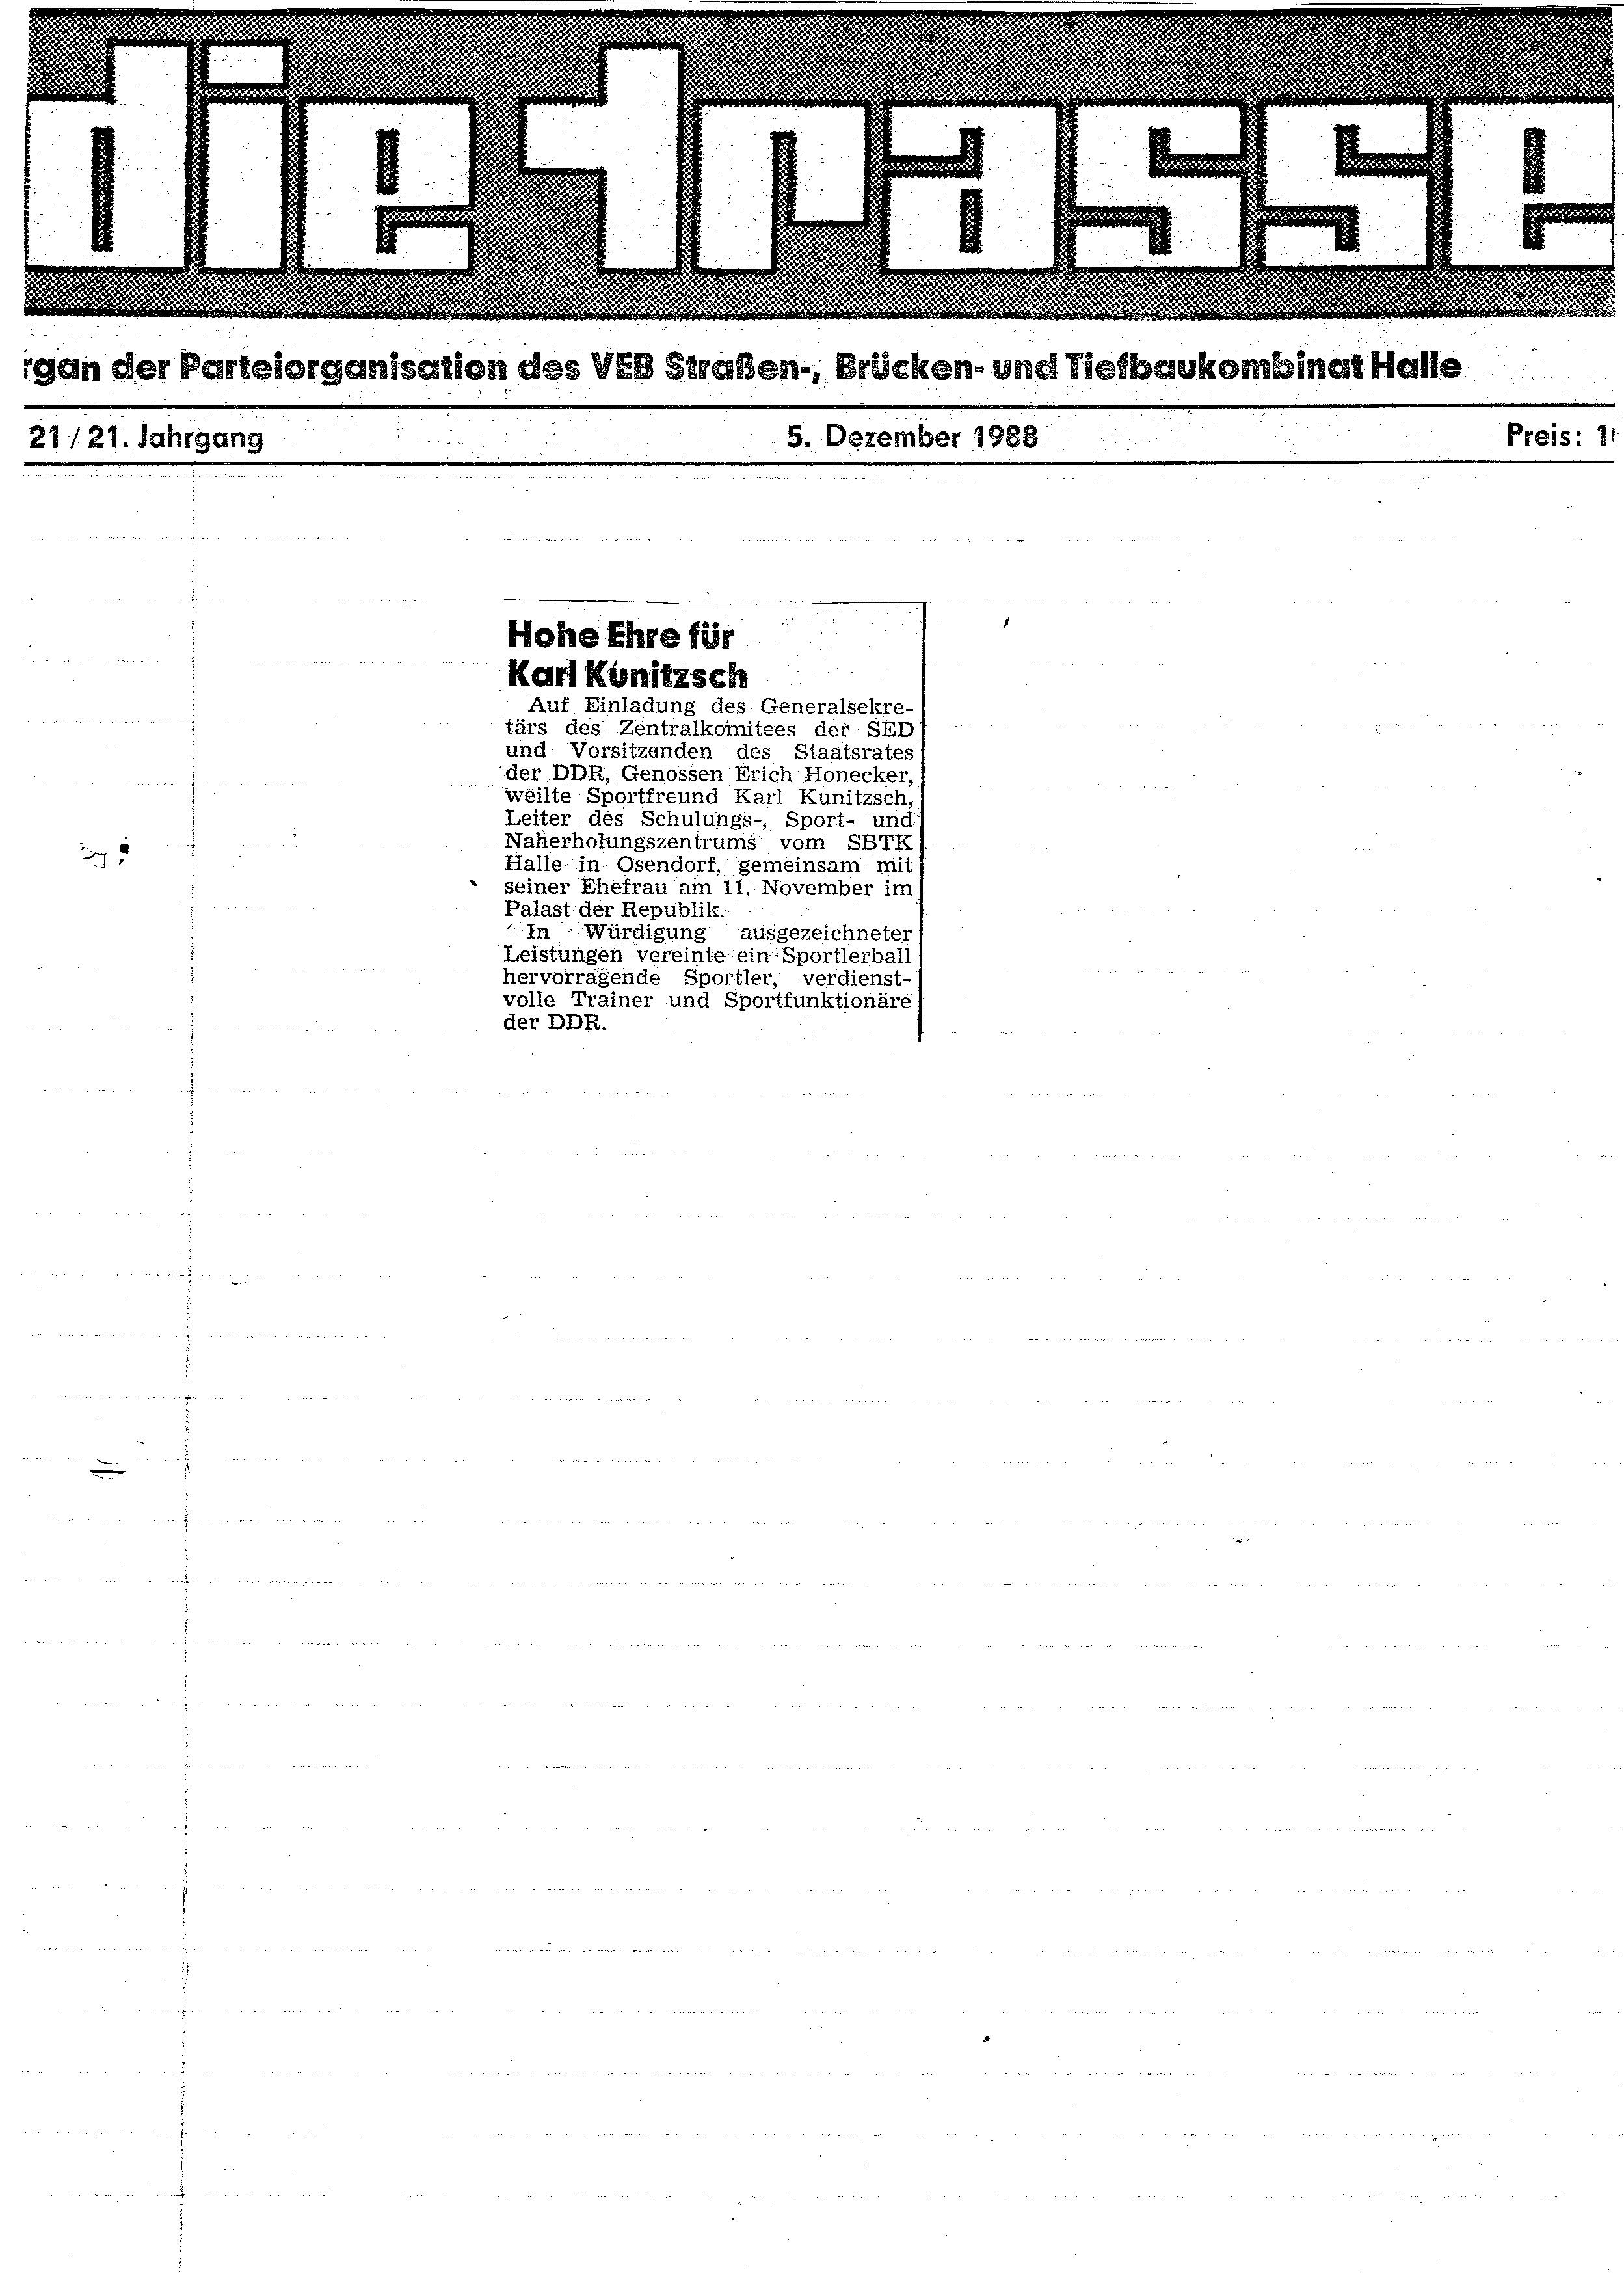 1988-12-05 Hohe Ehre für Karl Kunitzsch